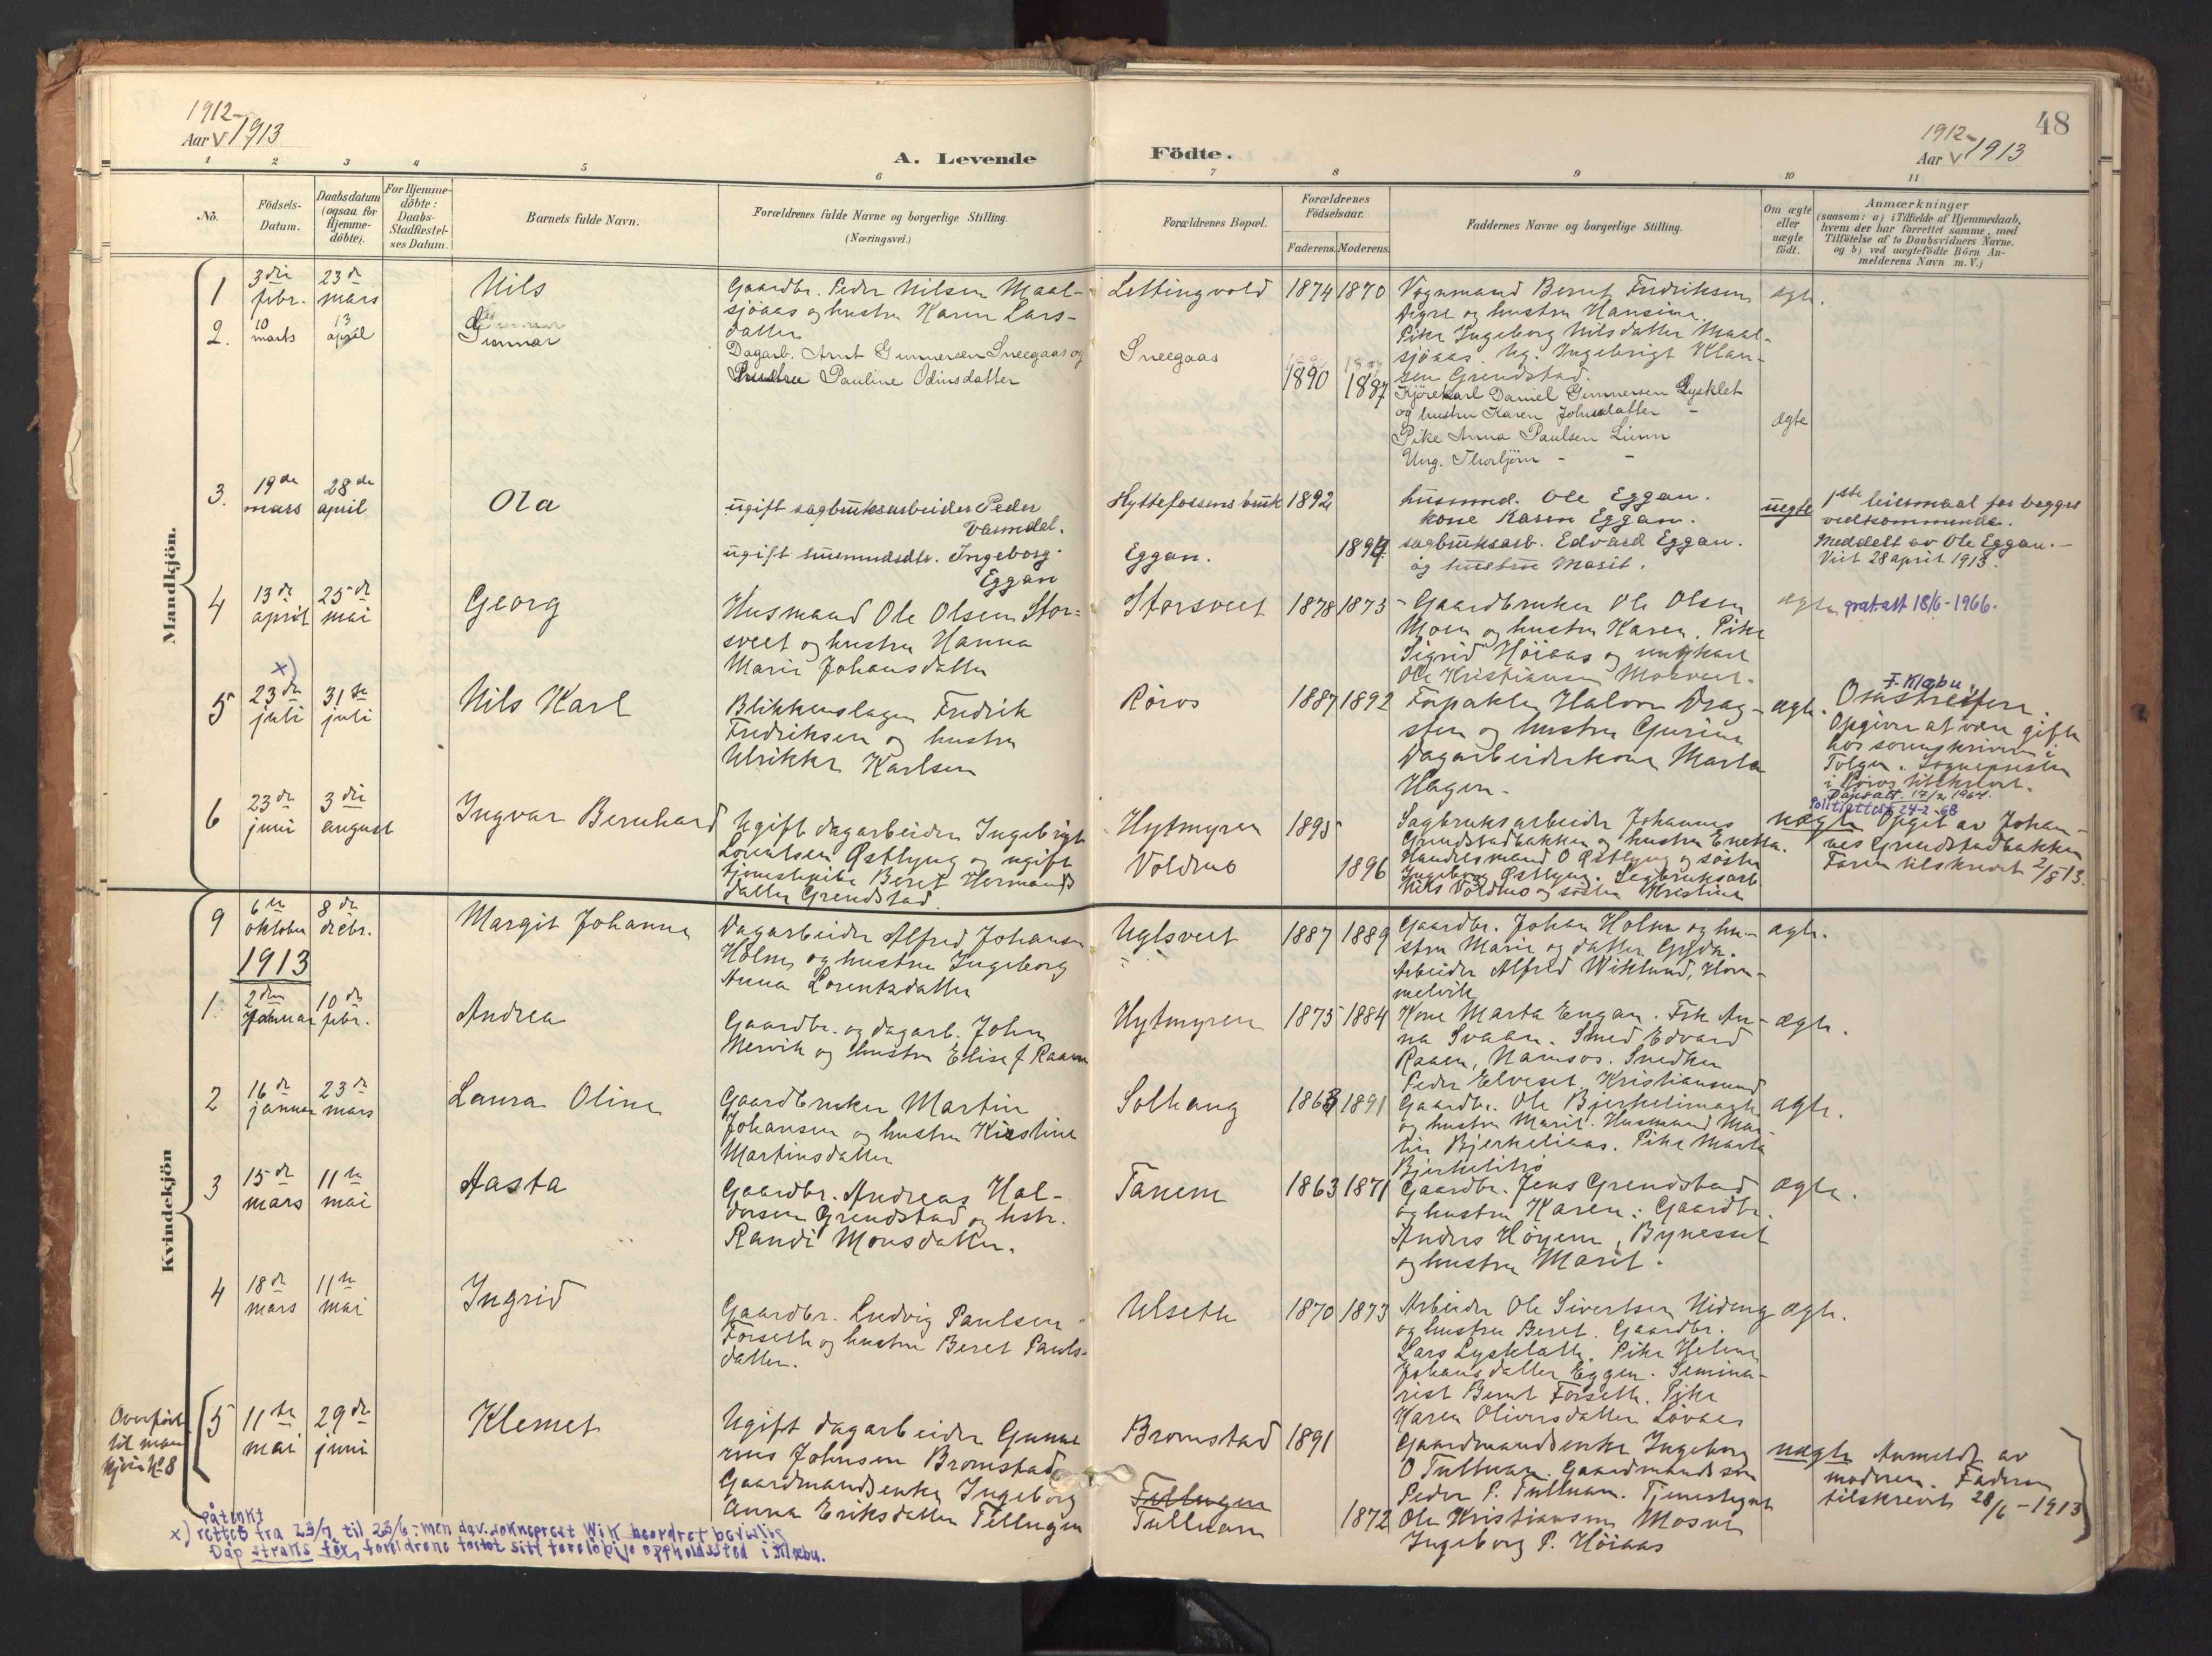 SAT, Ministerialprotokoller, klokkerbøker og fødselsregistre - Sør-Trøndelag, 618/L0448: Ministerialbok nr. 618A11, 1898-1916, s. 48